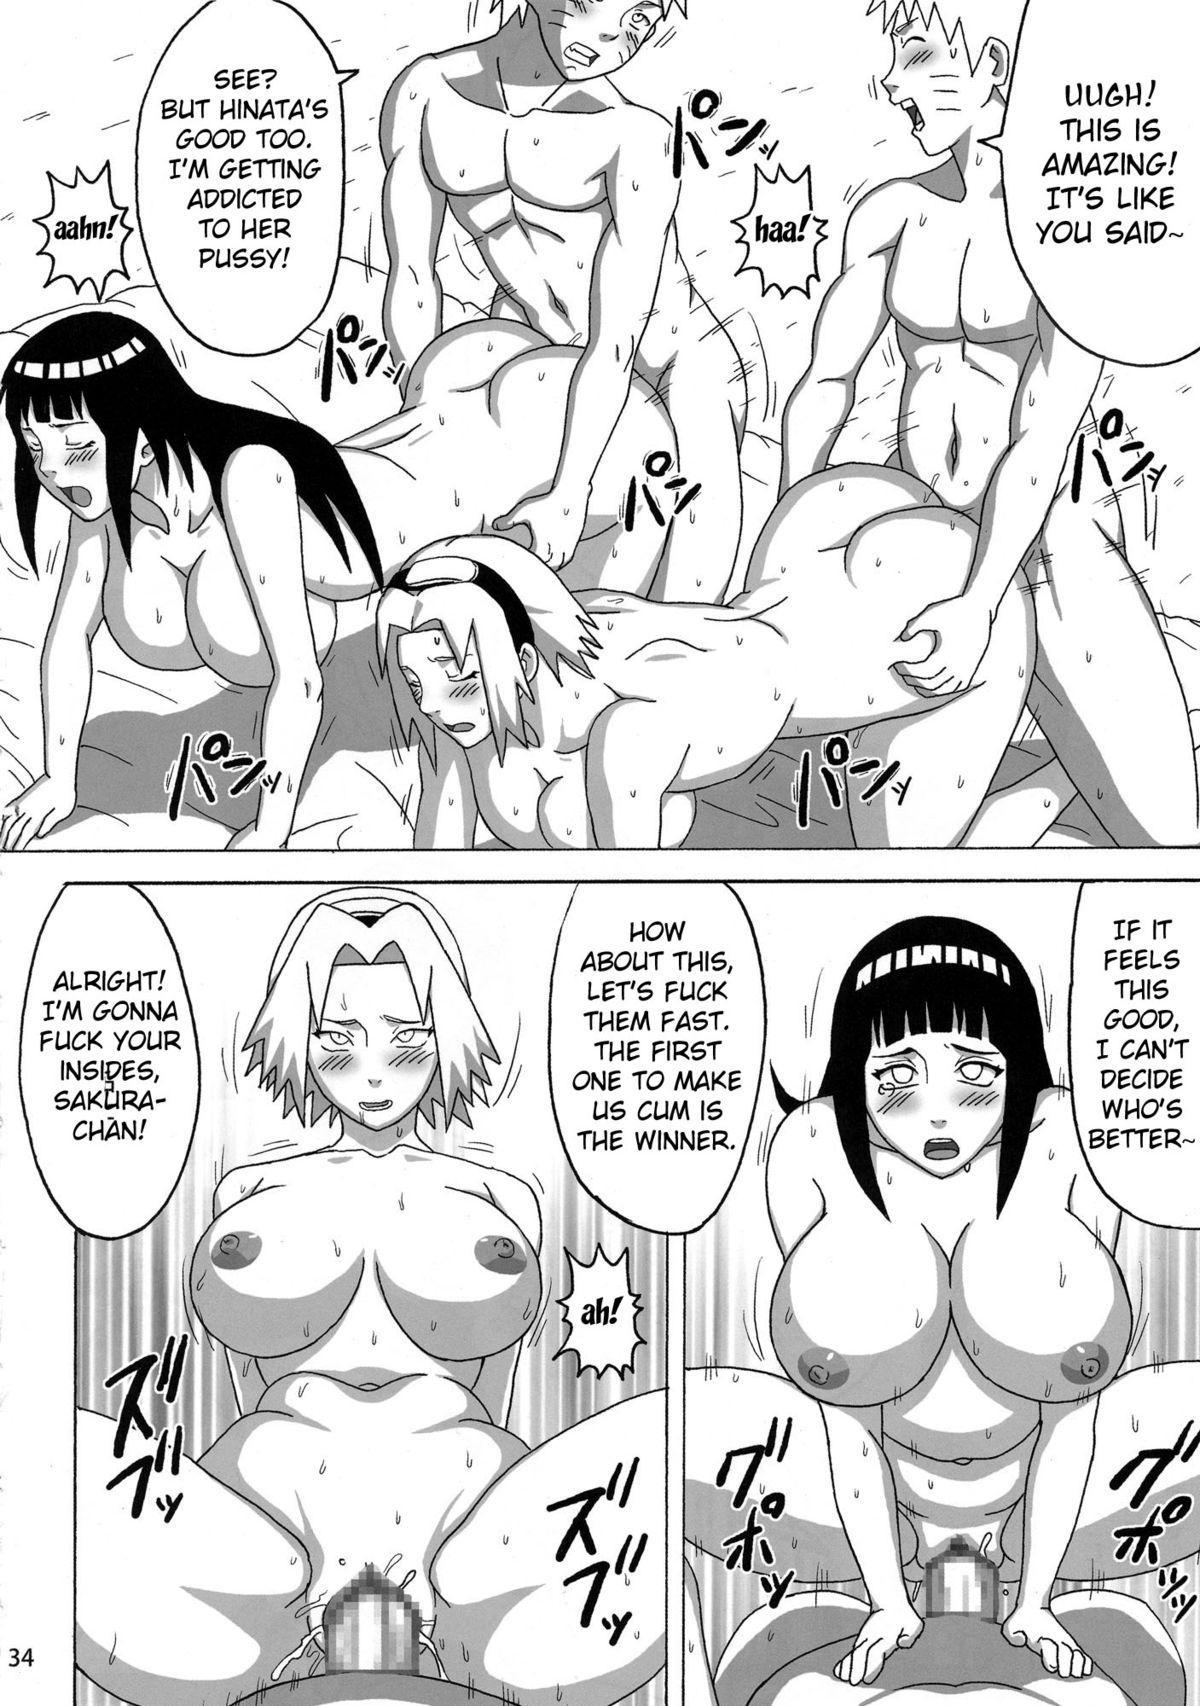 Konoha no Sei Shorigakari | Konoha's Sexual Healing Ward 34